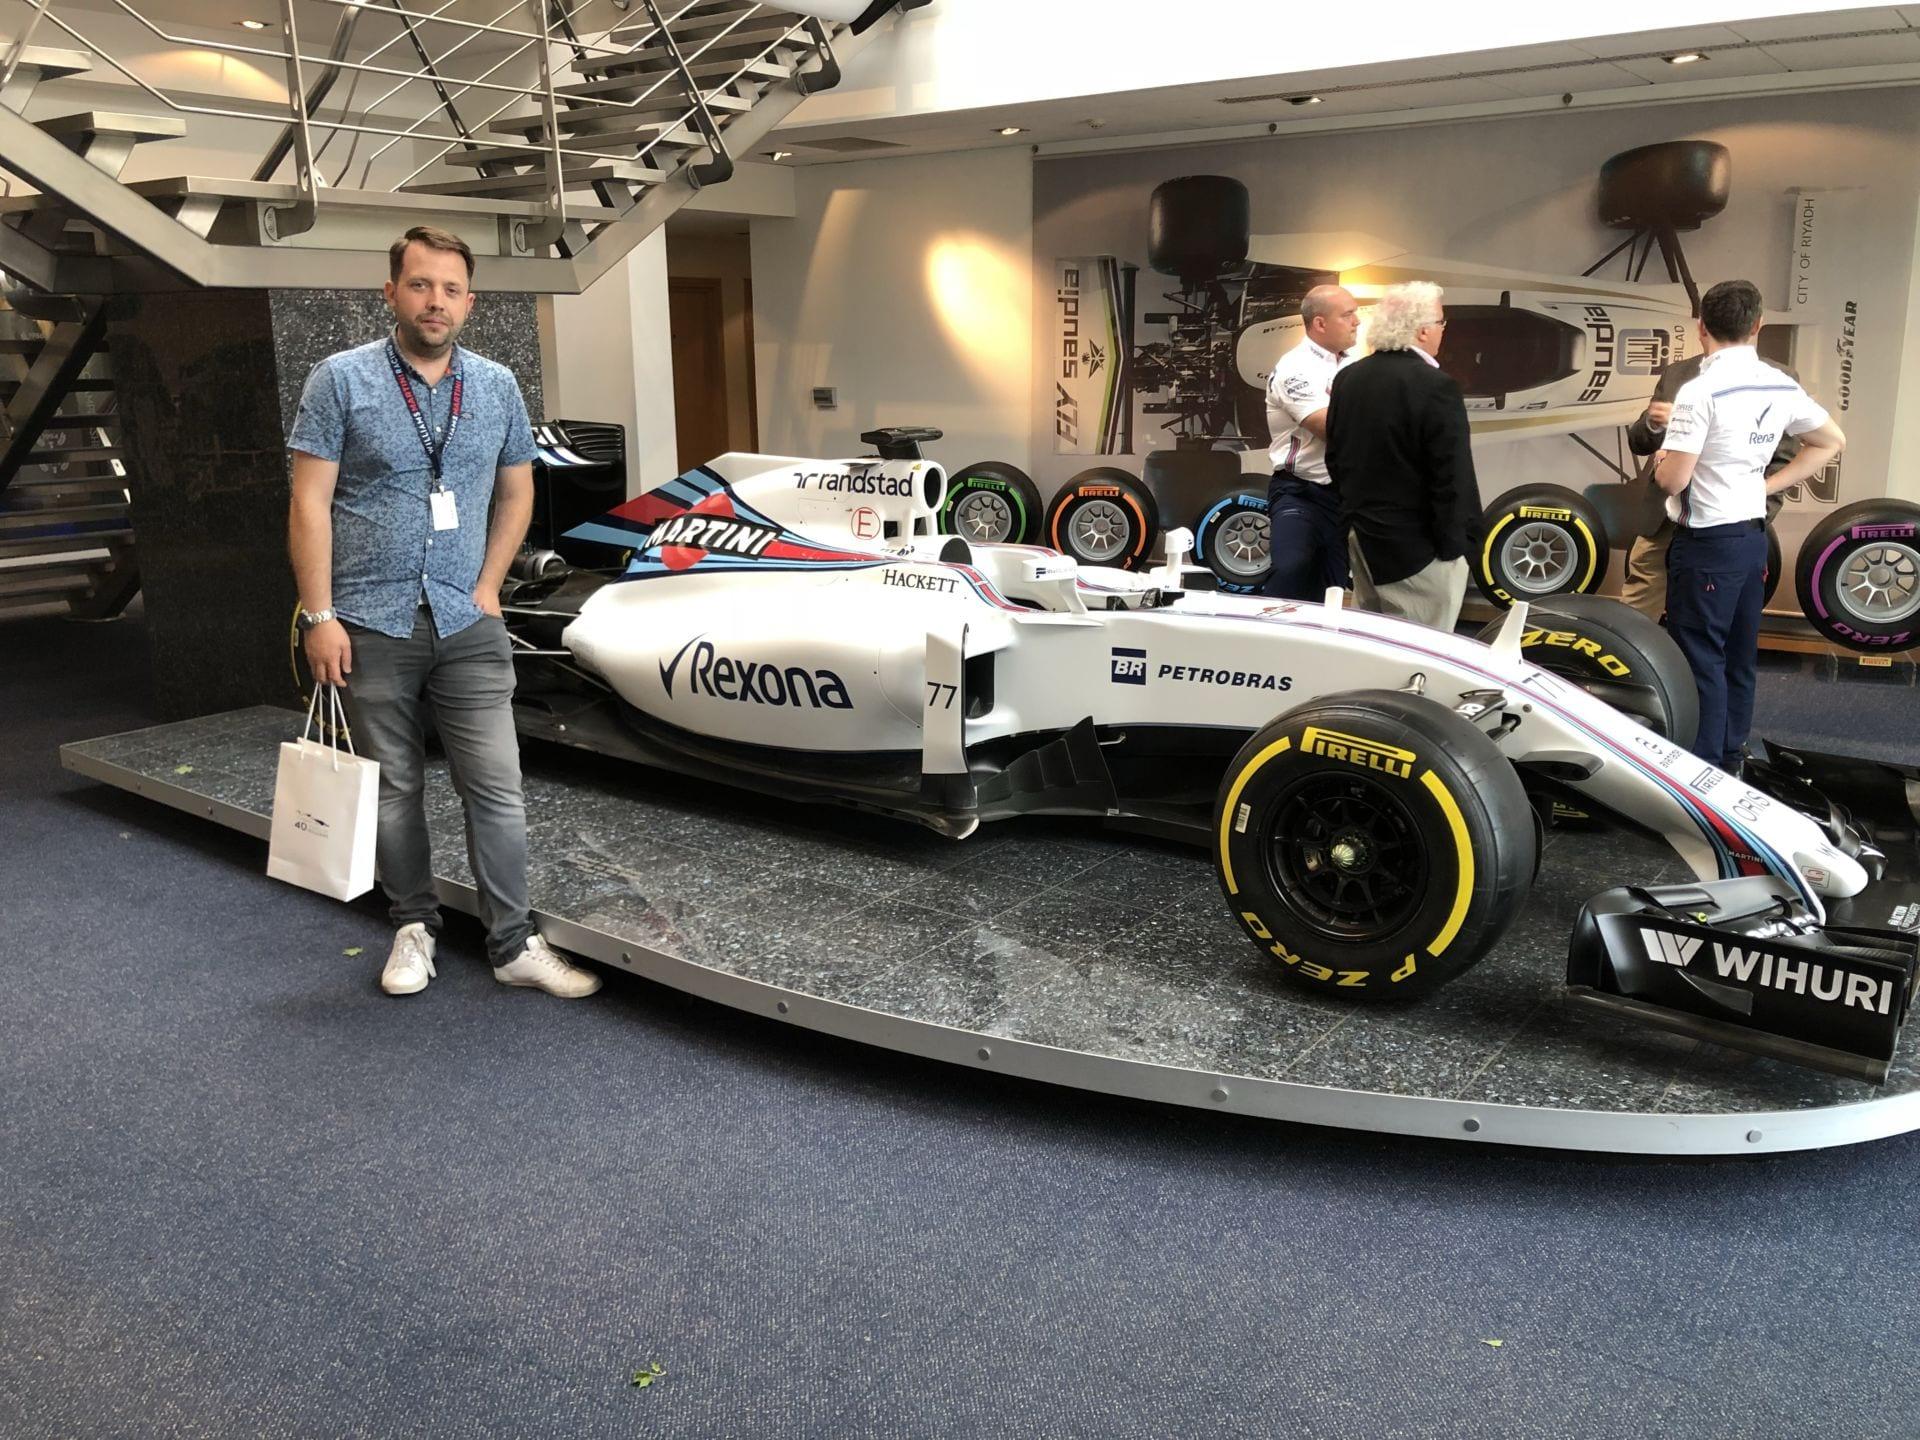 Man by F1 car